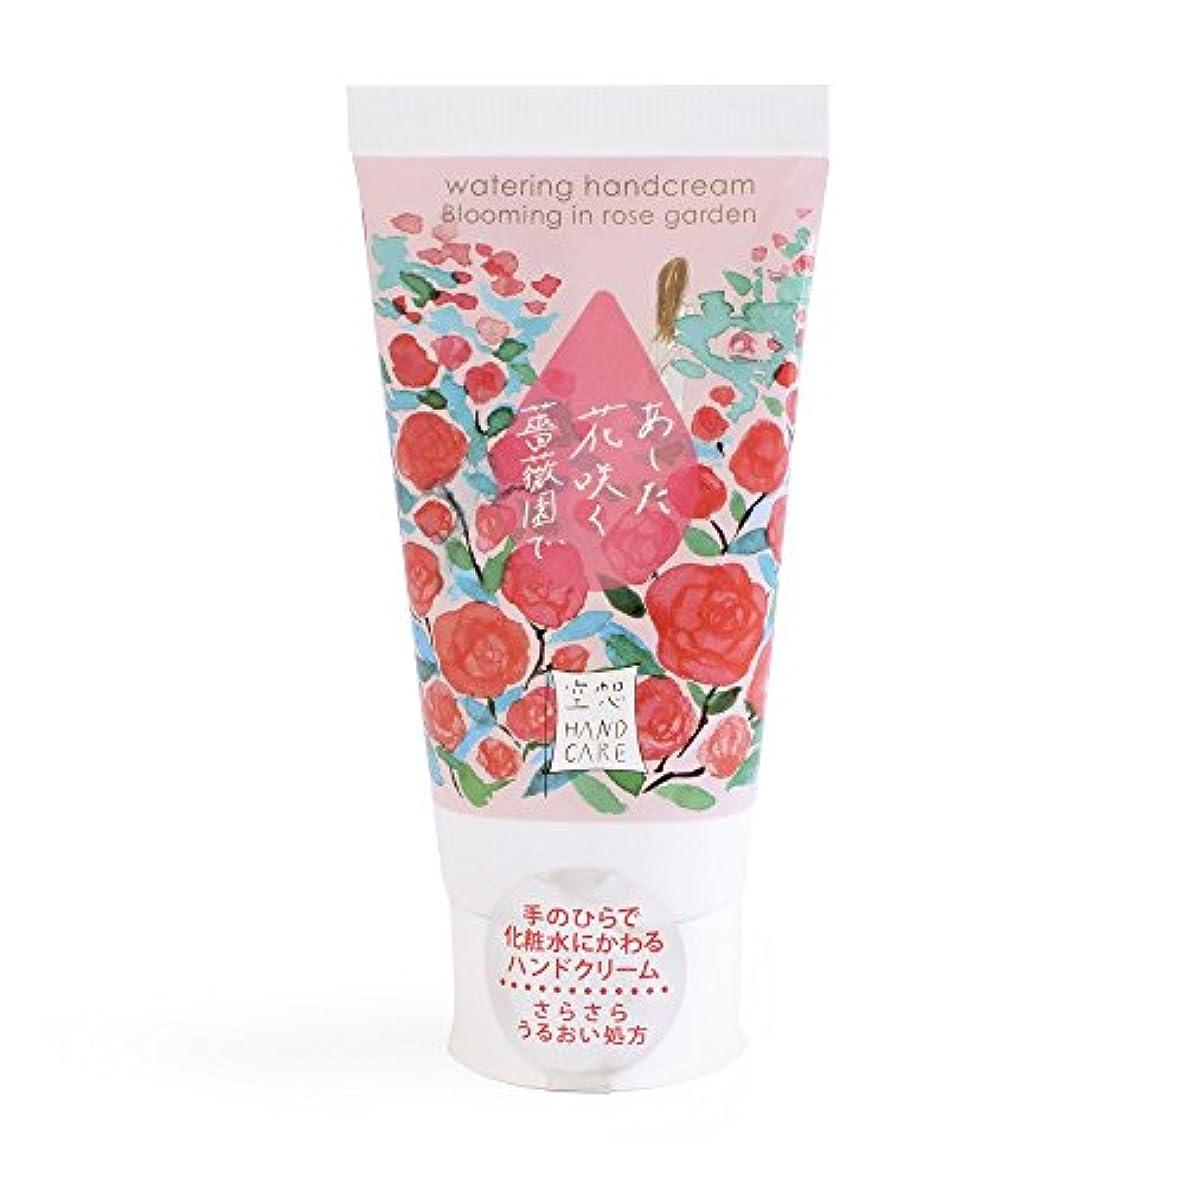 シャット浸食支出空想ウォータリングハンドクリーム あした花咲く薔薇園で